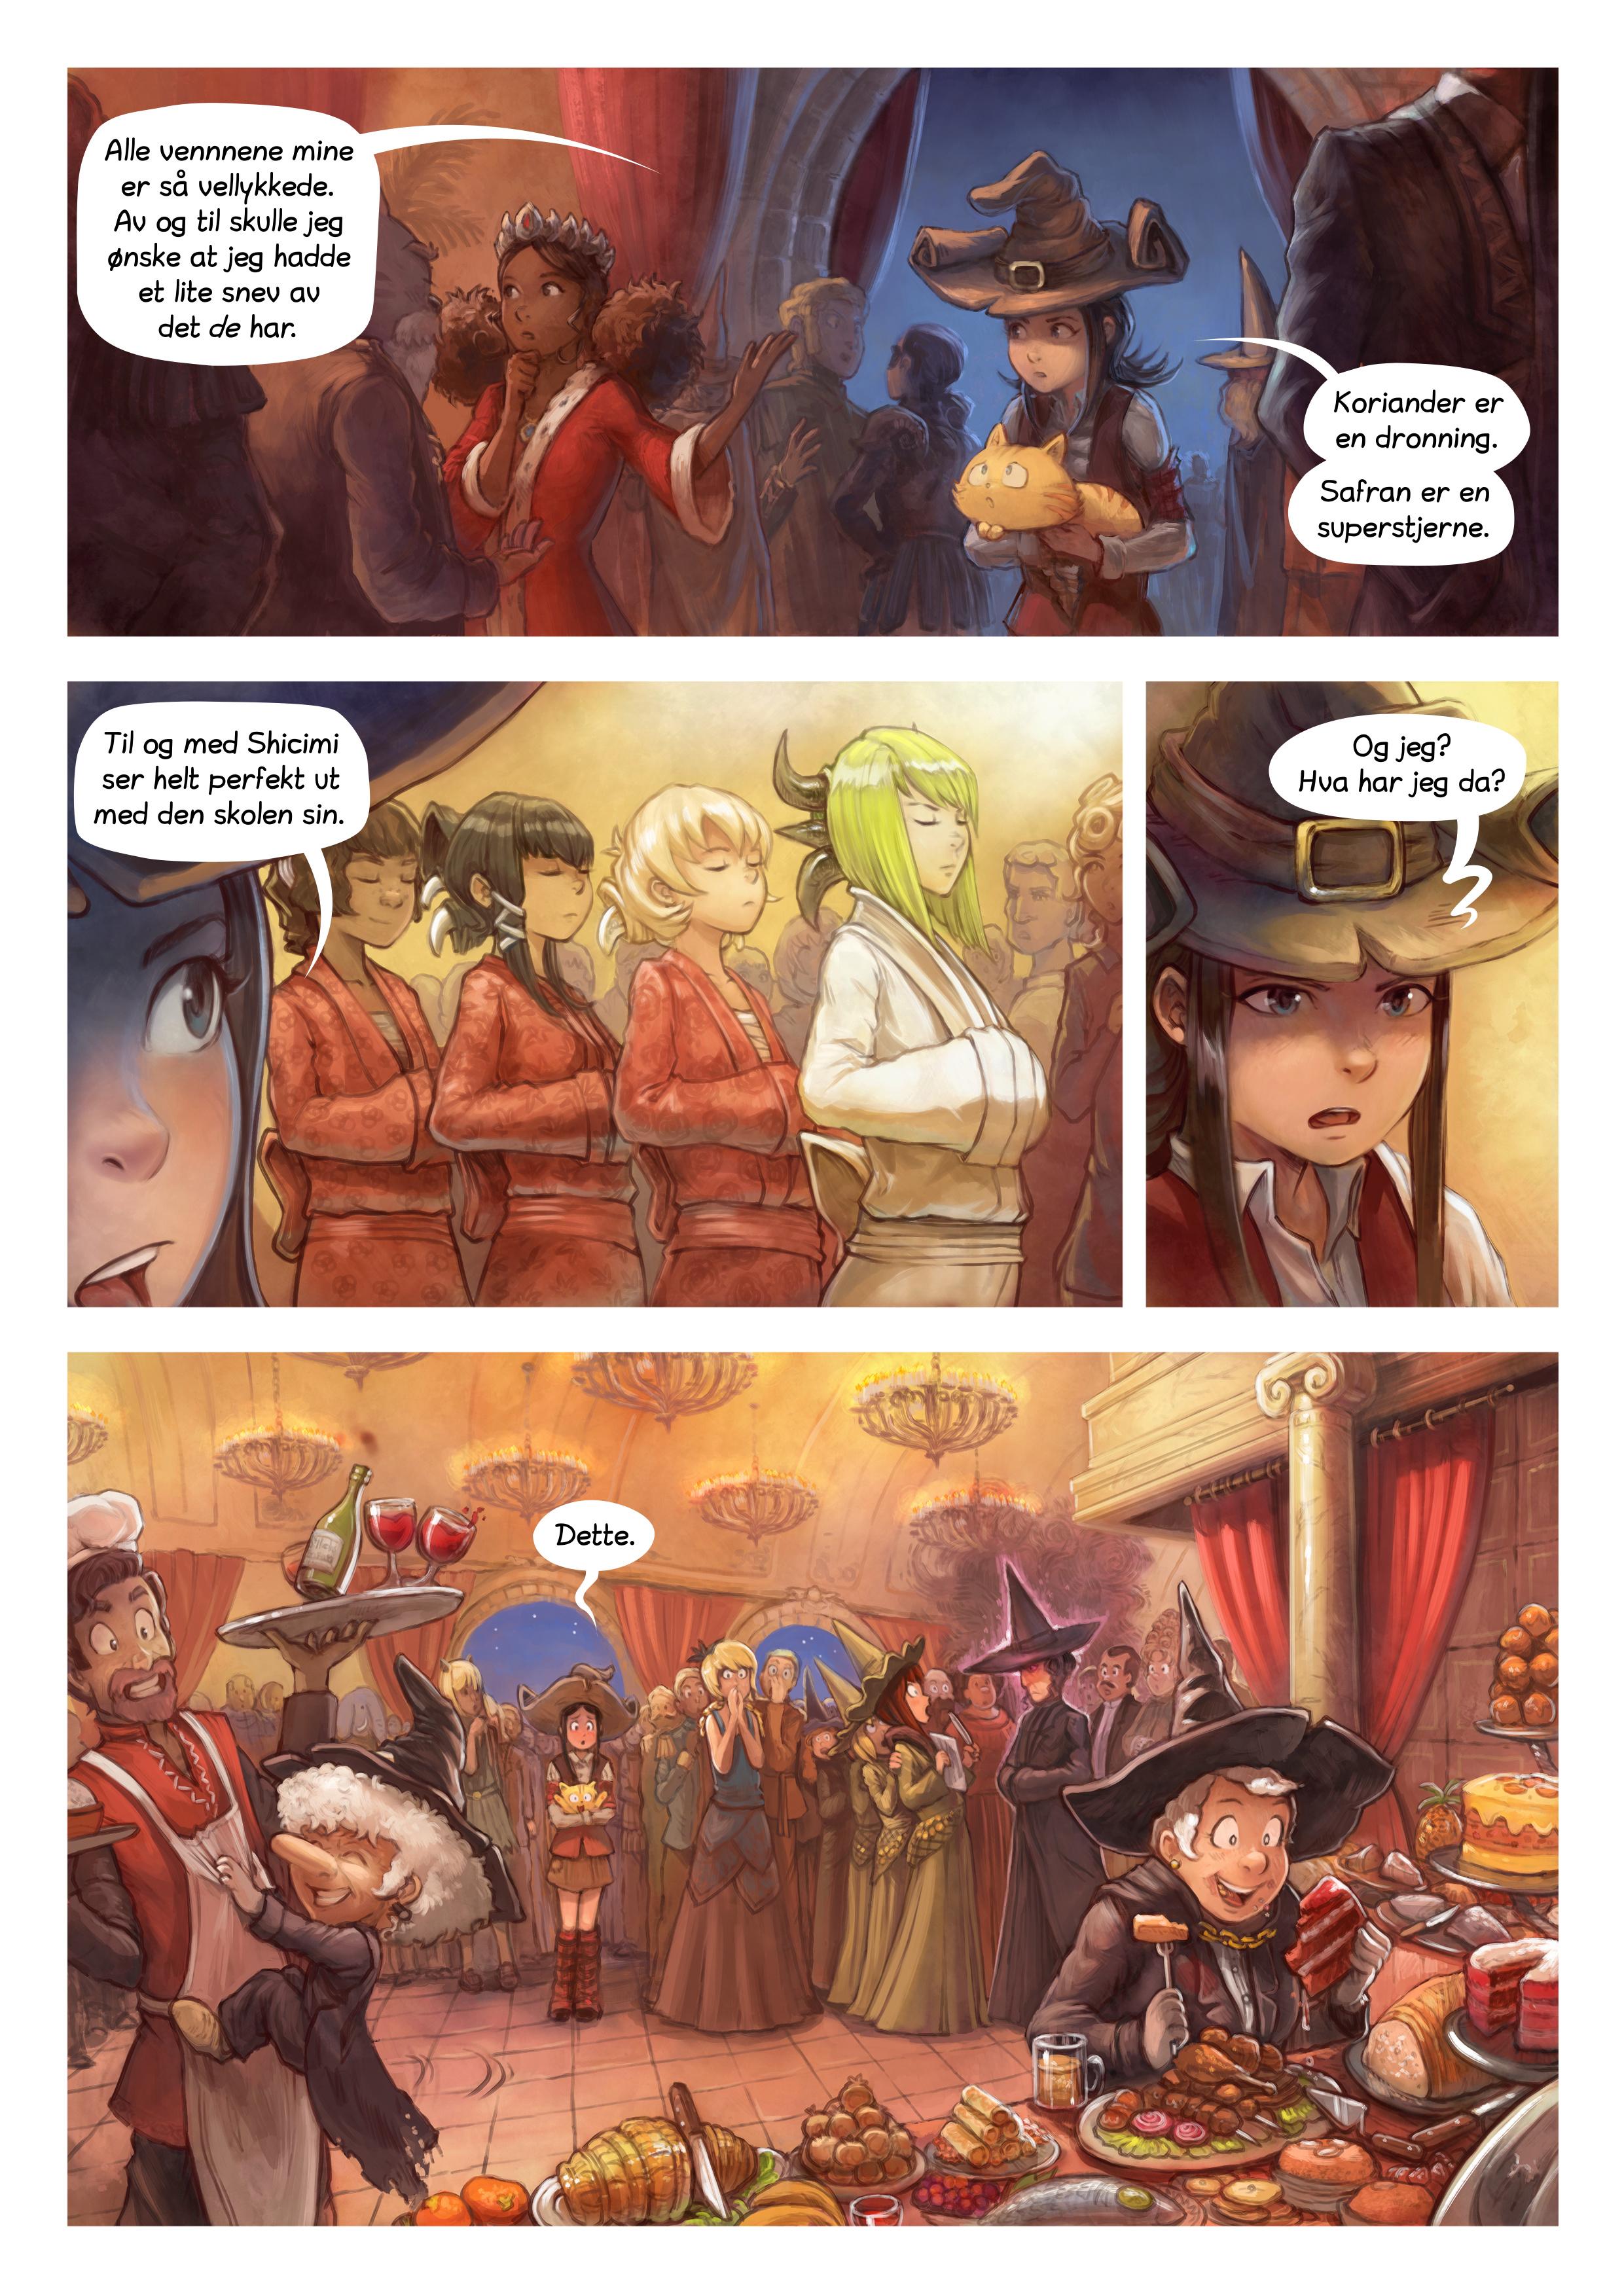 Episode 28: Festlighetene, Page 5